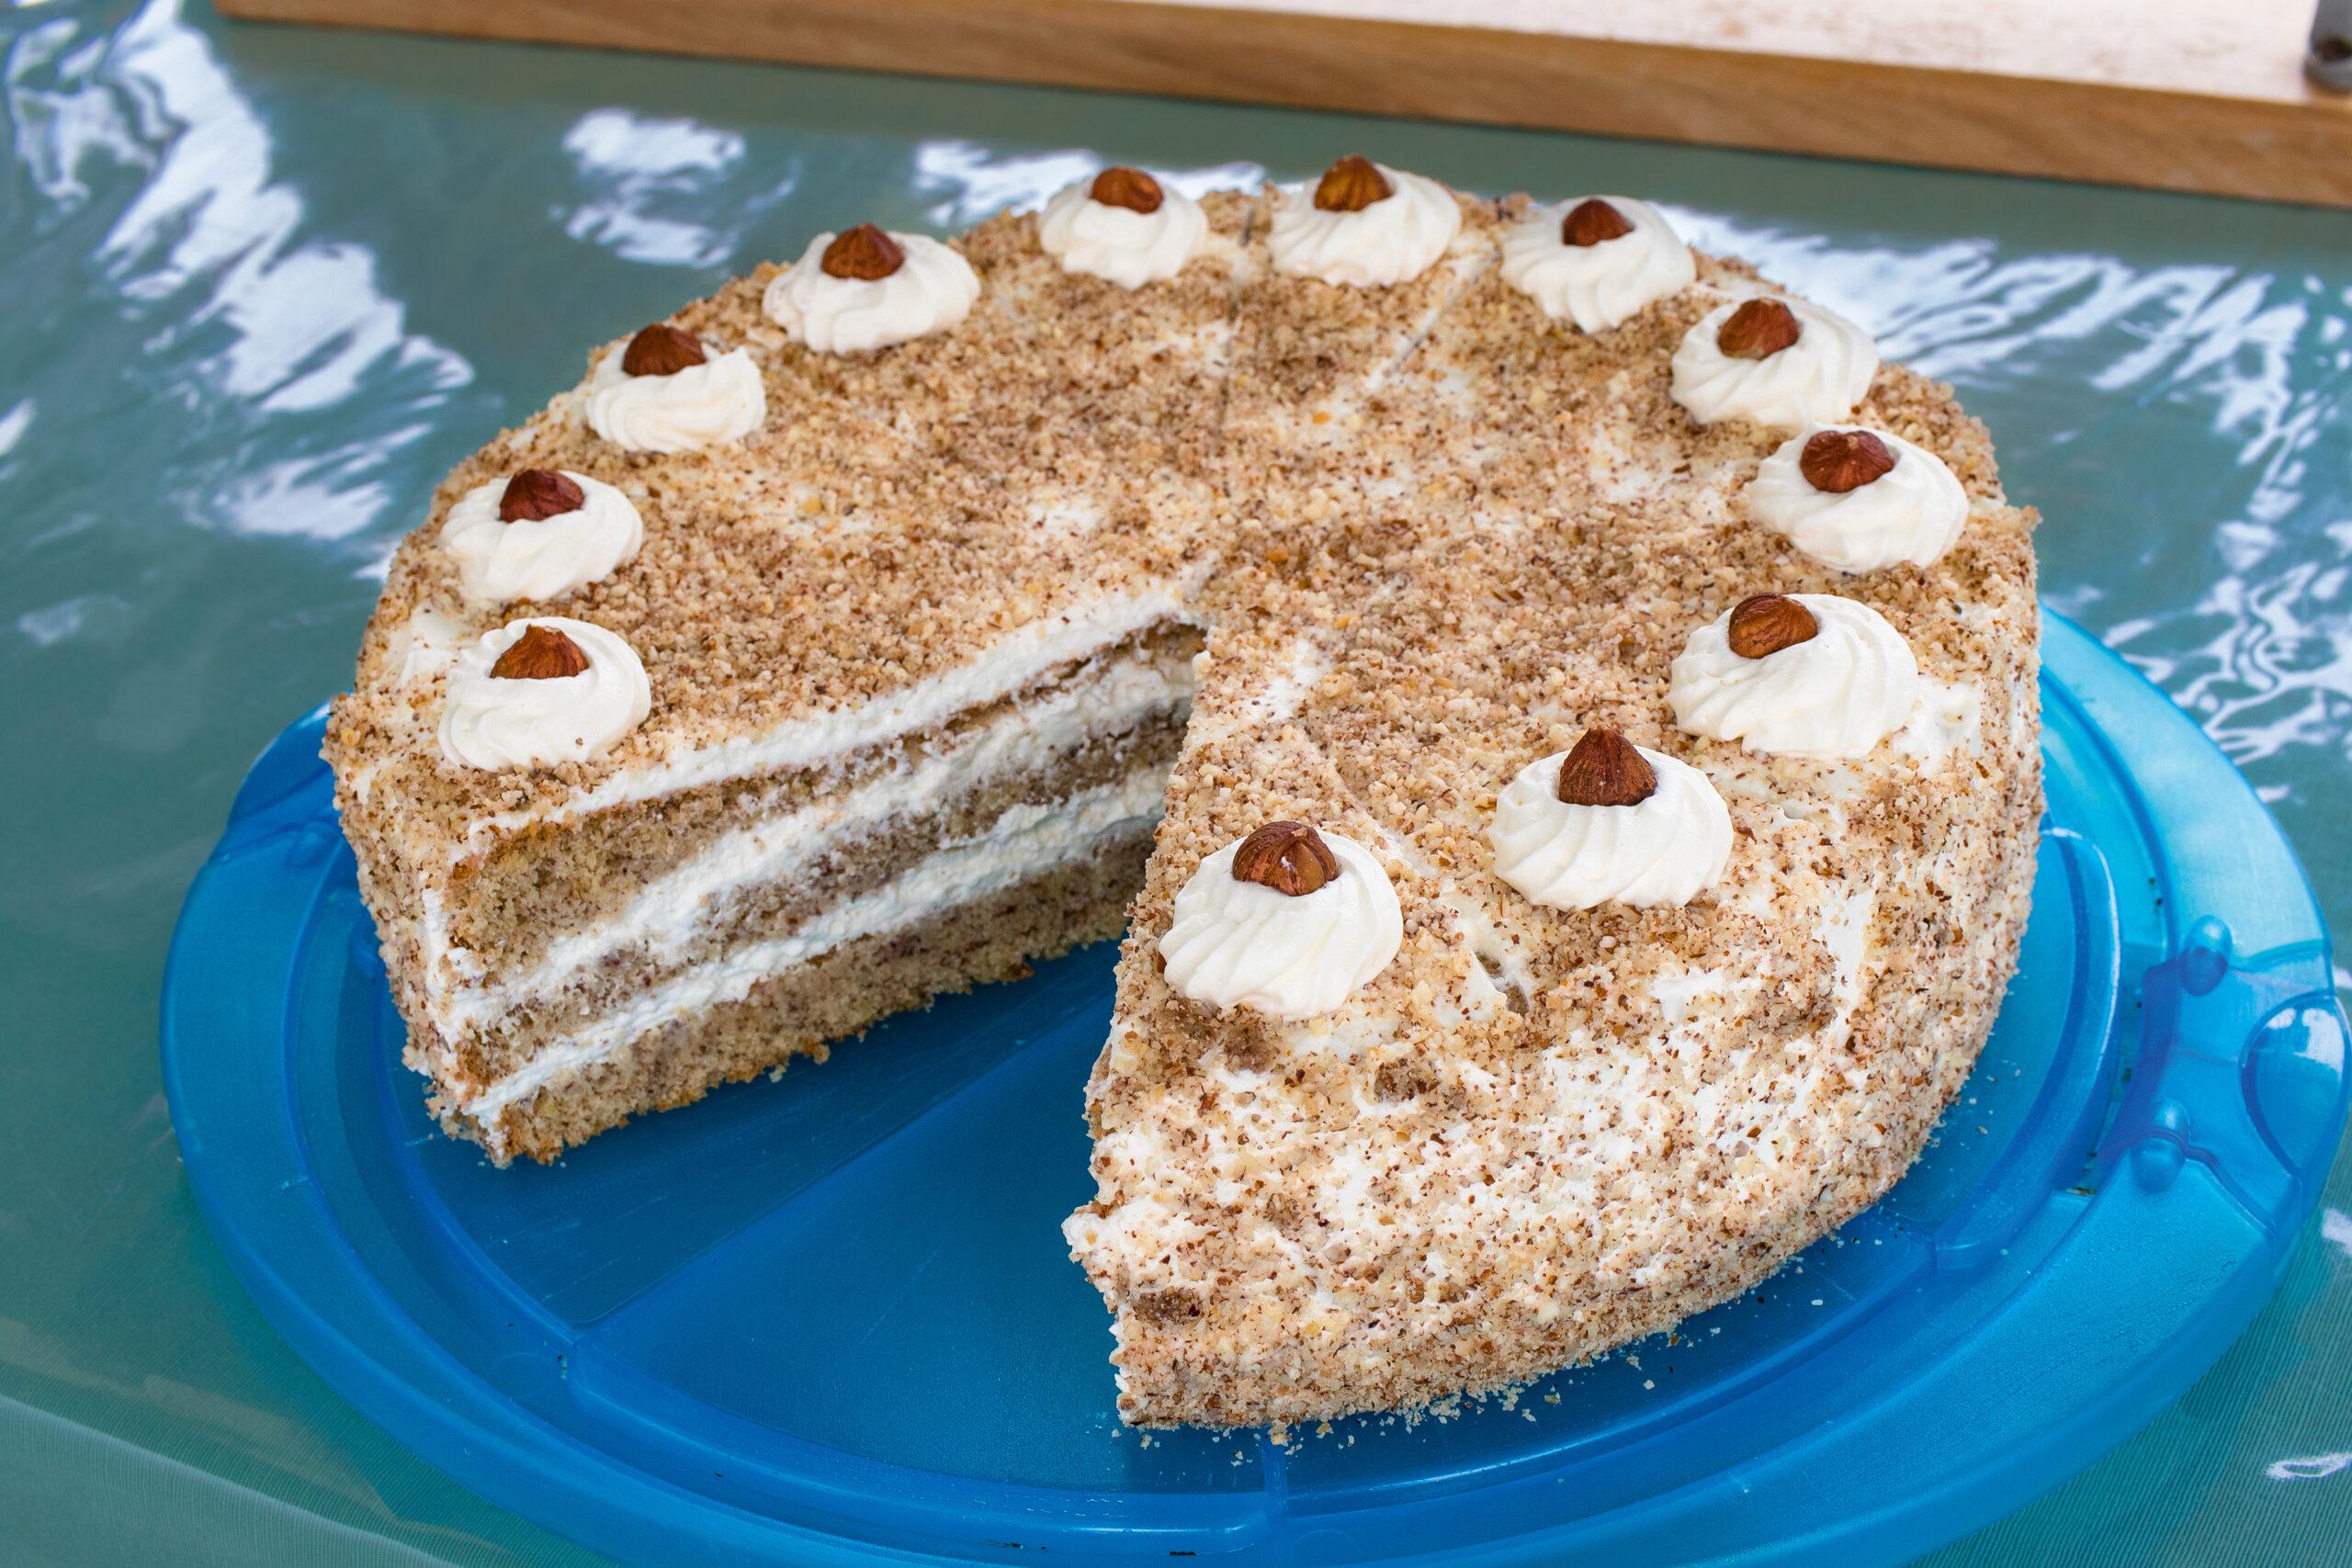 Bauernmarkt-Isen-Markttag-Torte